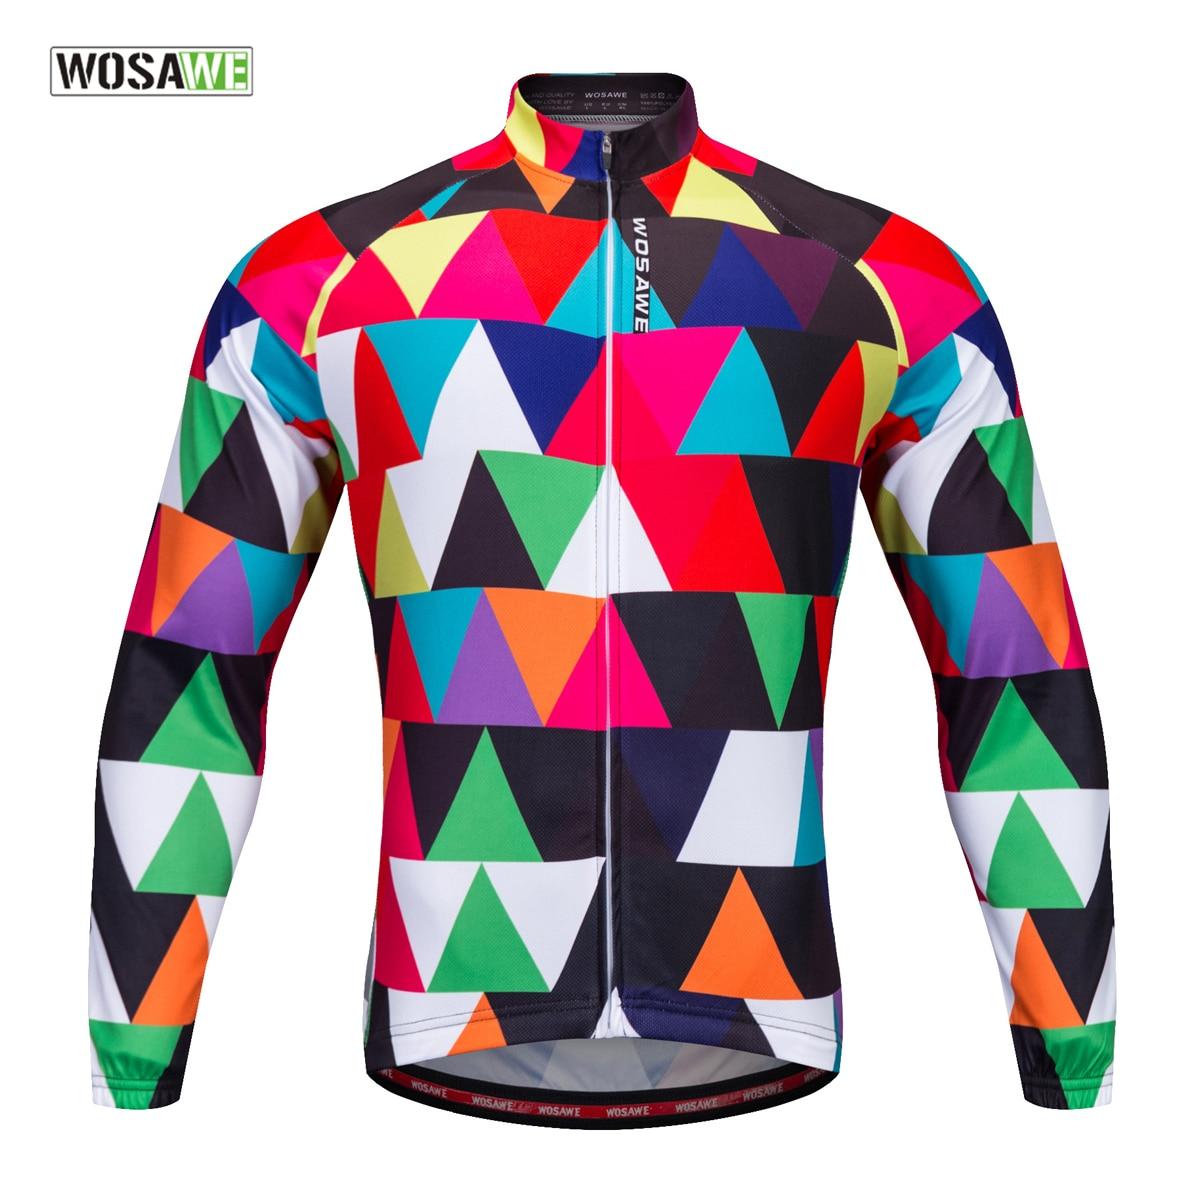 WOSAWE Langarm Radfahren Jersey 100% Polyester Outdoor Sport Bike Kleidung Ropa Ciclismo DH Frühling/Herbst Tragen Fahrrad Trikots